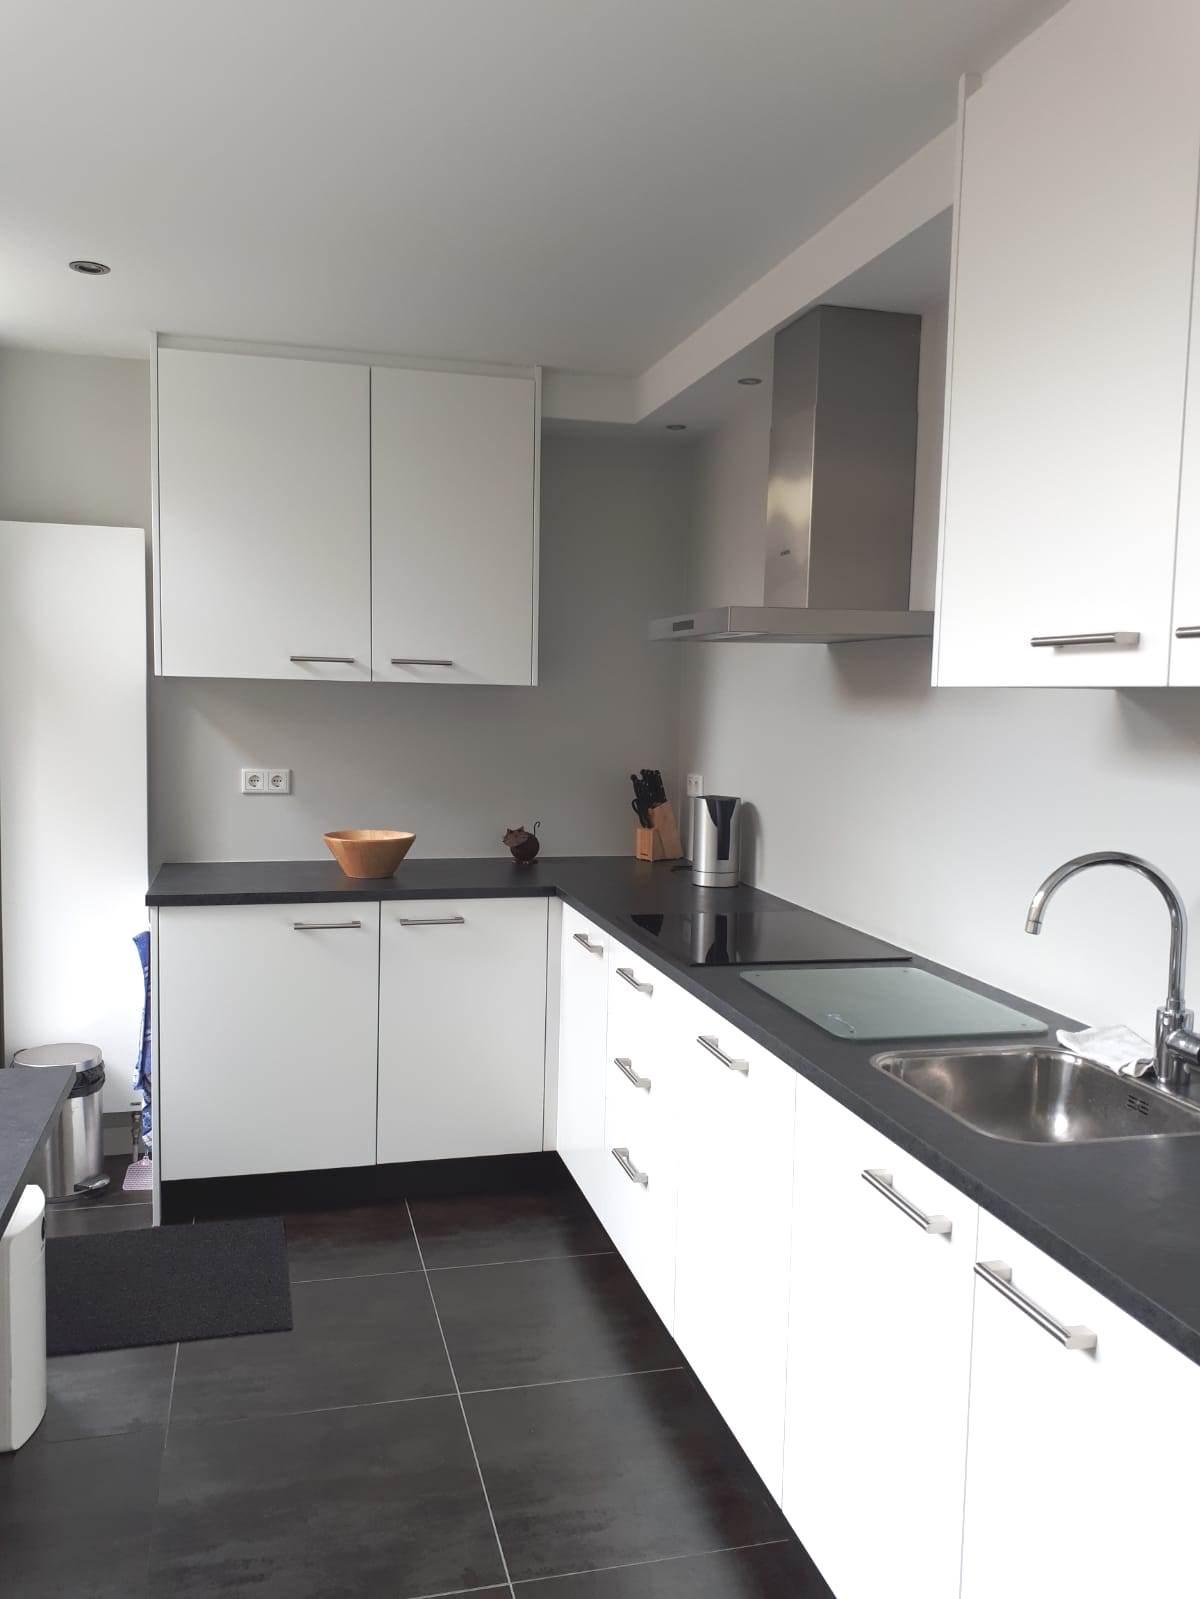 Keuken, gemaakt en geplaatst na interne verbouwing.